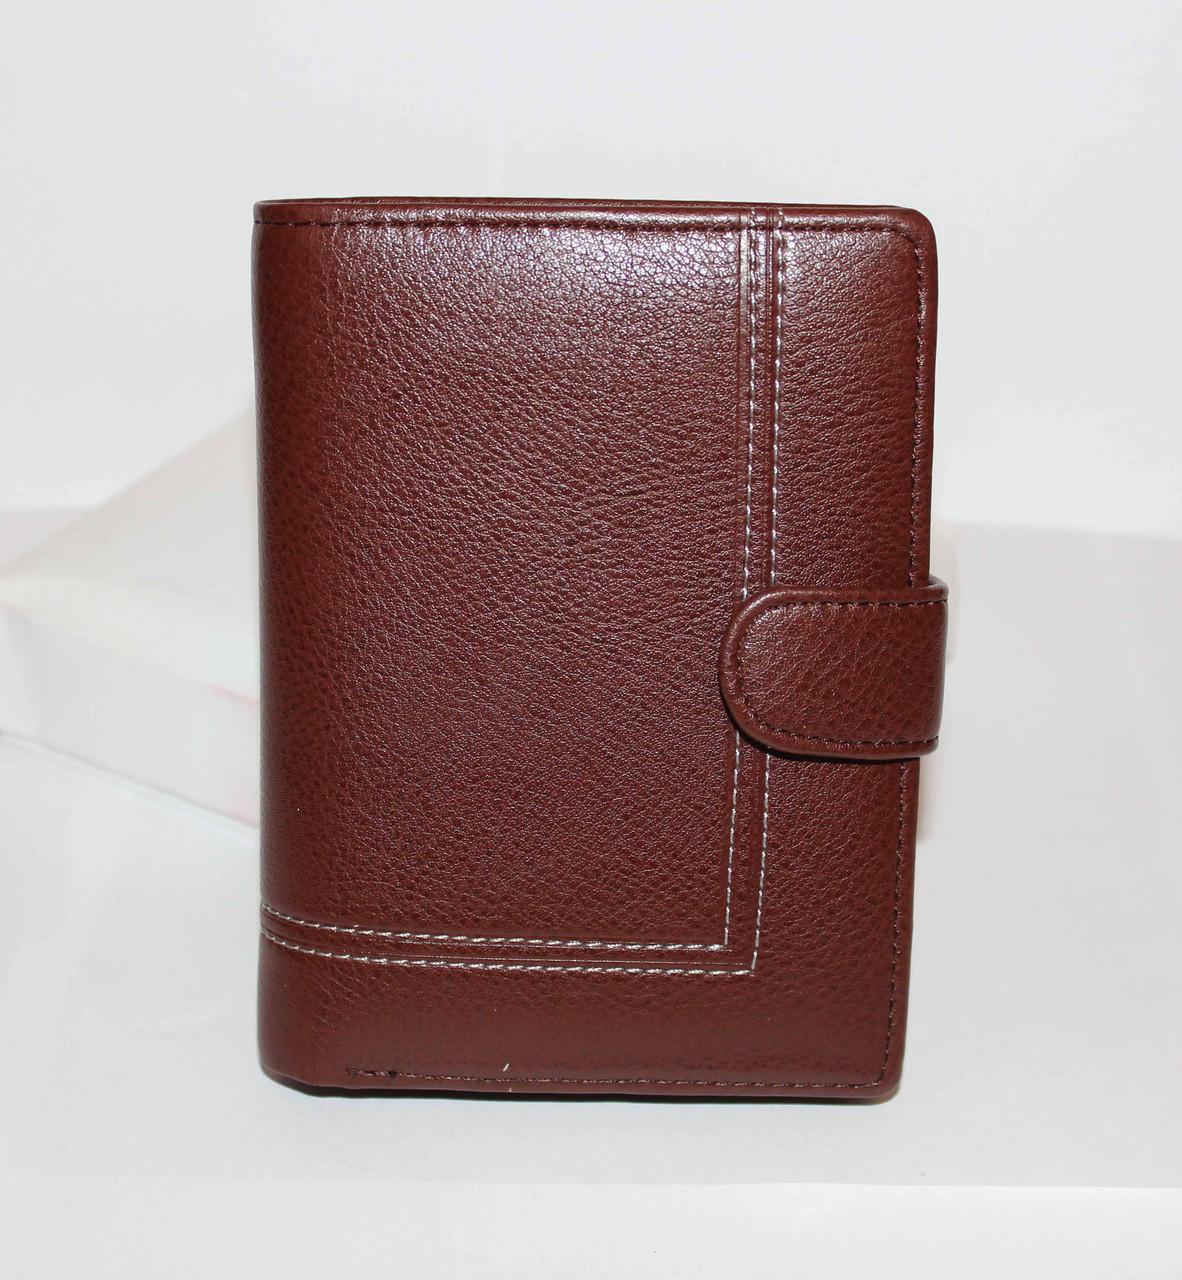 Кошелек с паспортом Devi's 303-4